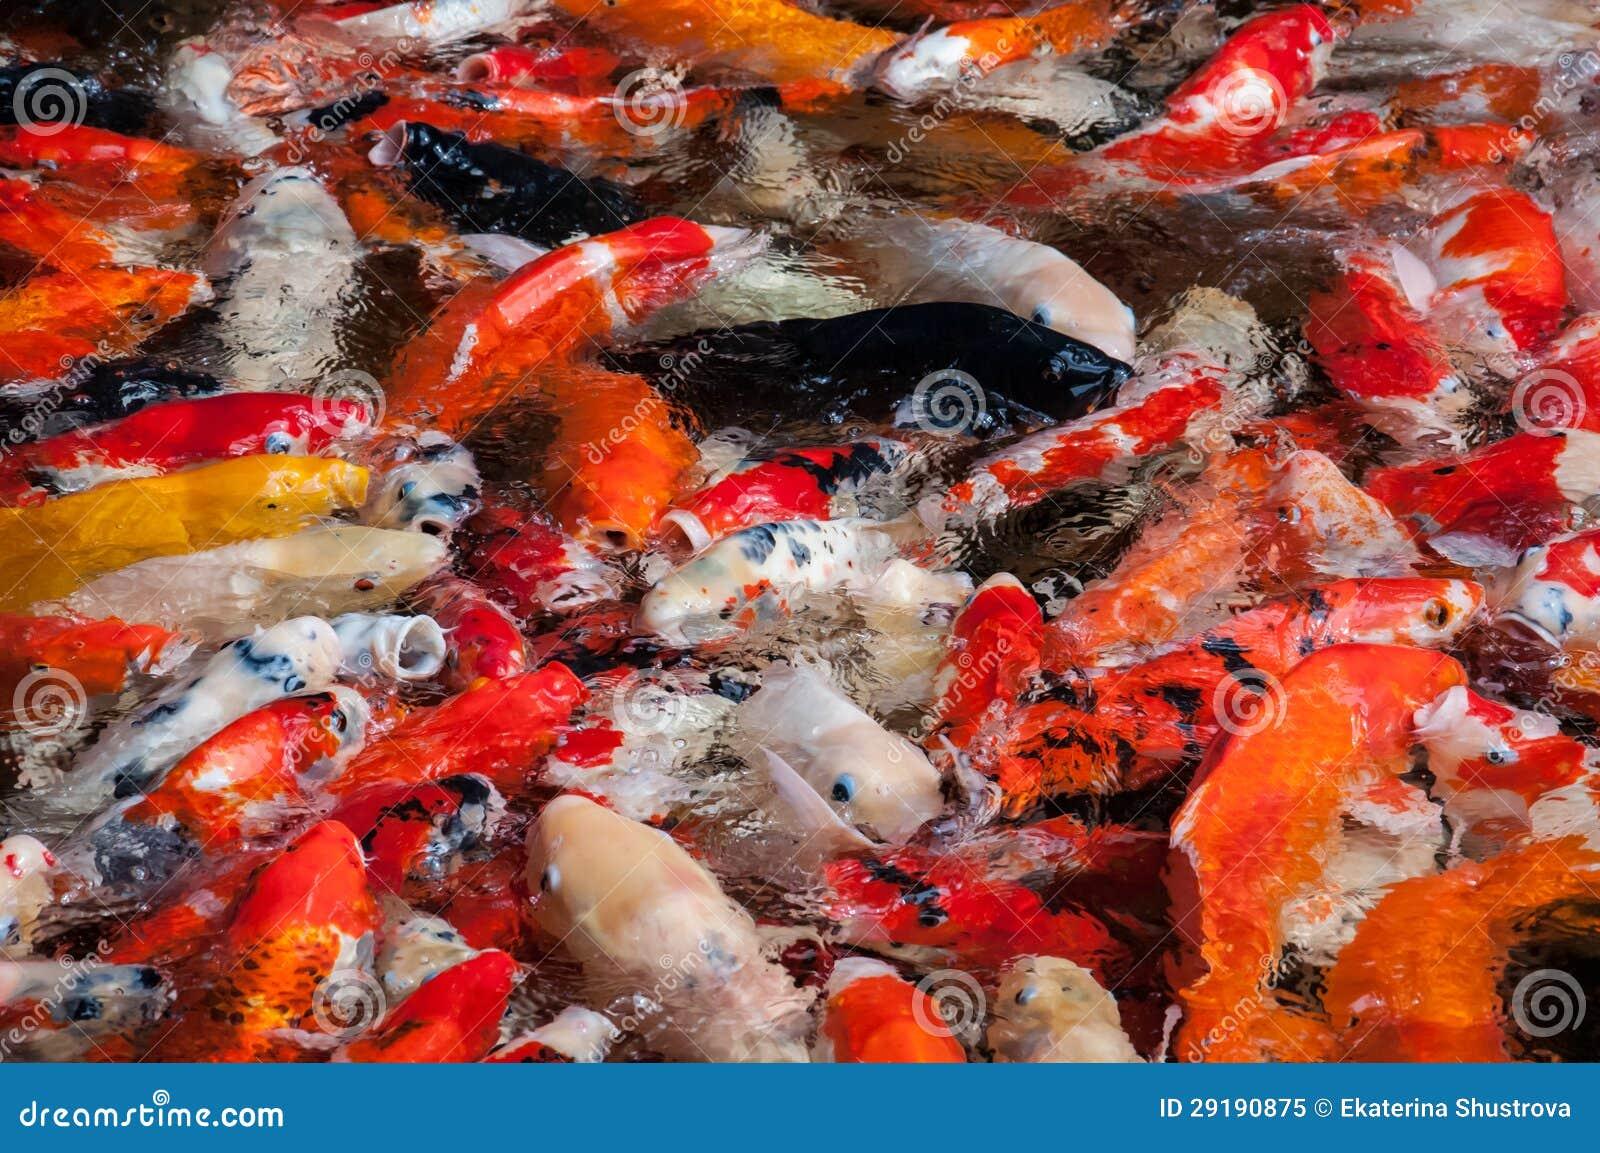 Feeding koi fishes royalty free stock photo image 29190875 for Feeding koi fish